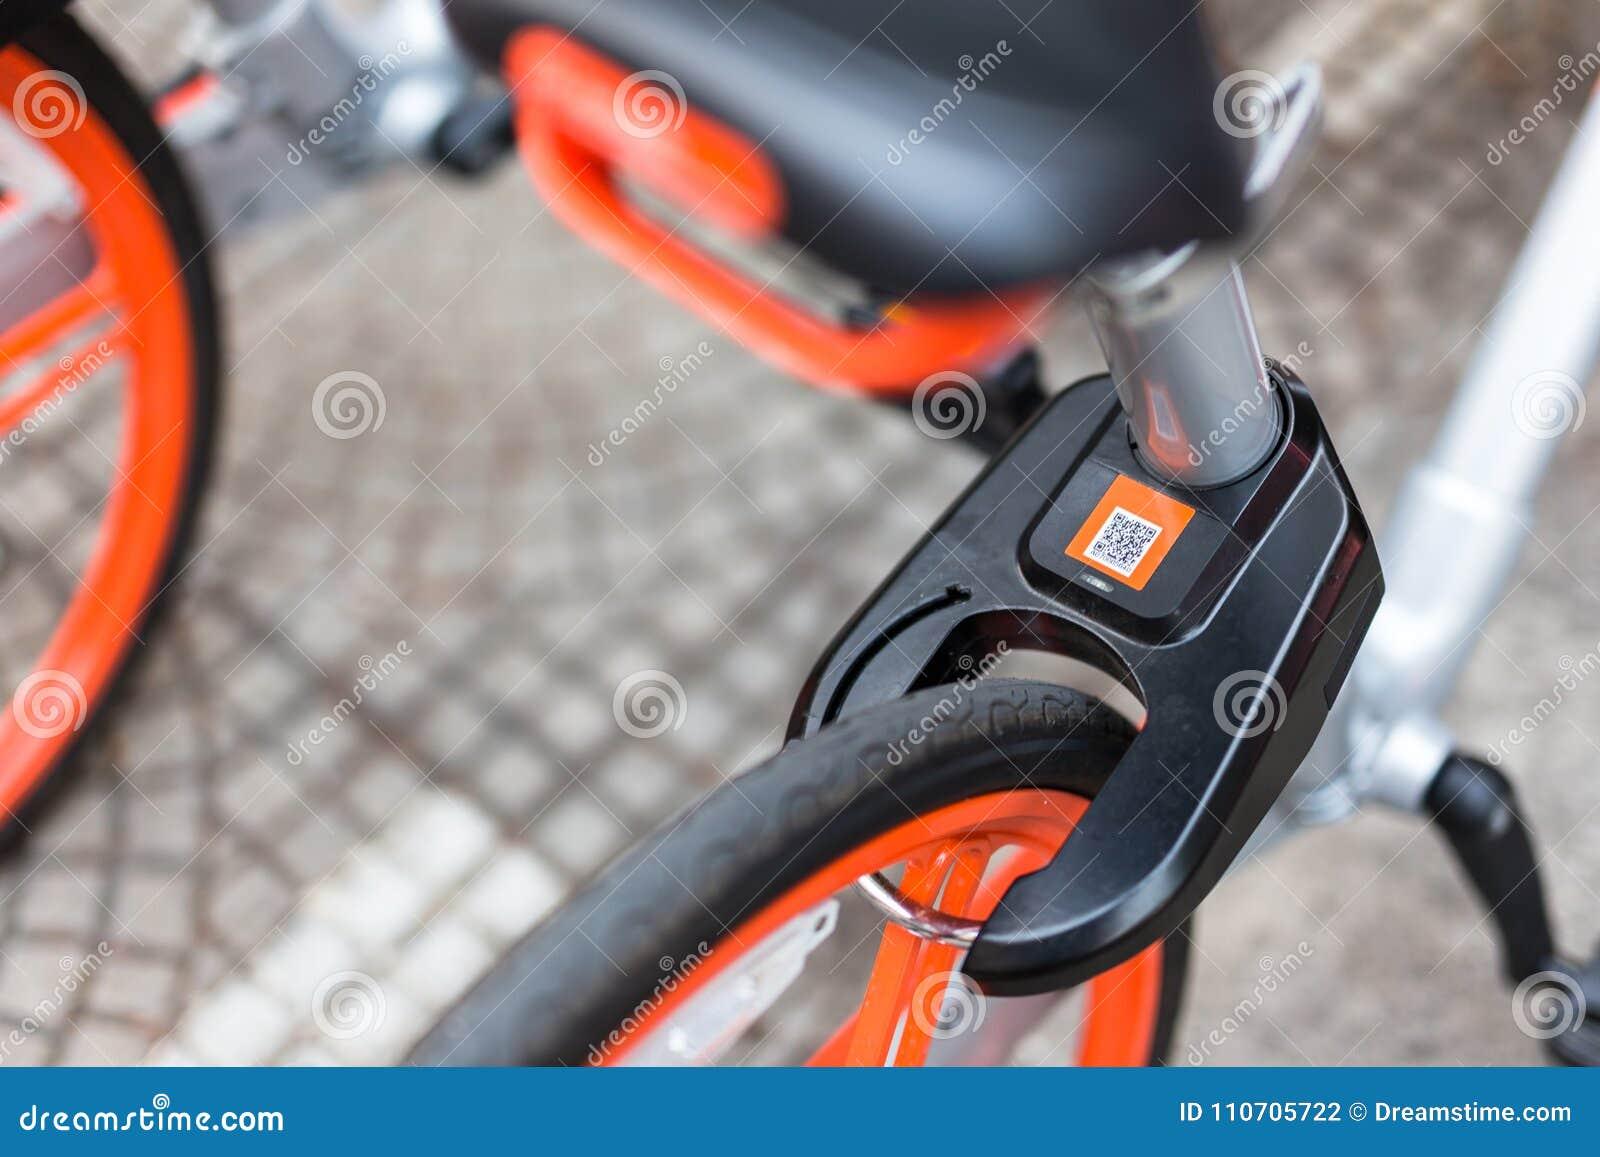 Mobikefietsen, Openbare die fiets op openbaar gebied voor touris wordt geparkeerd